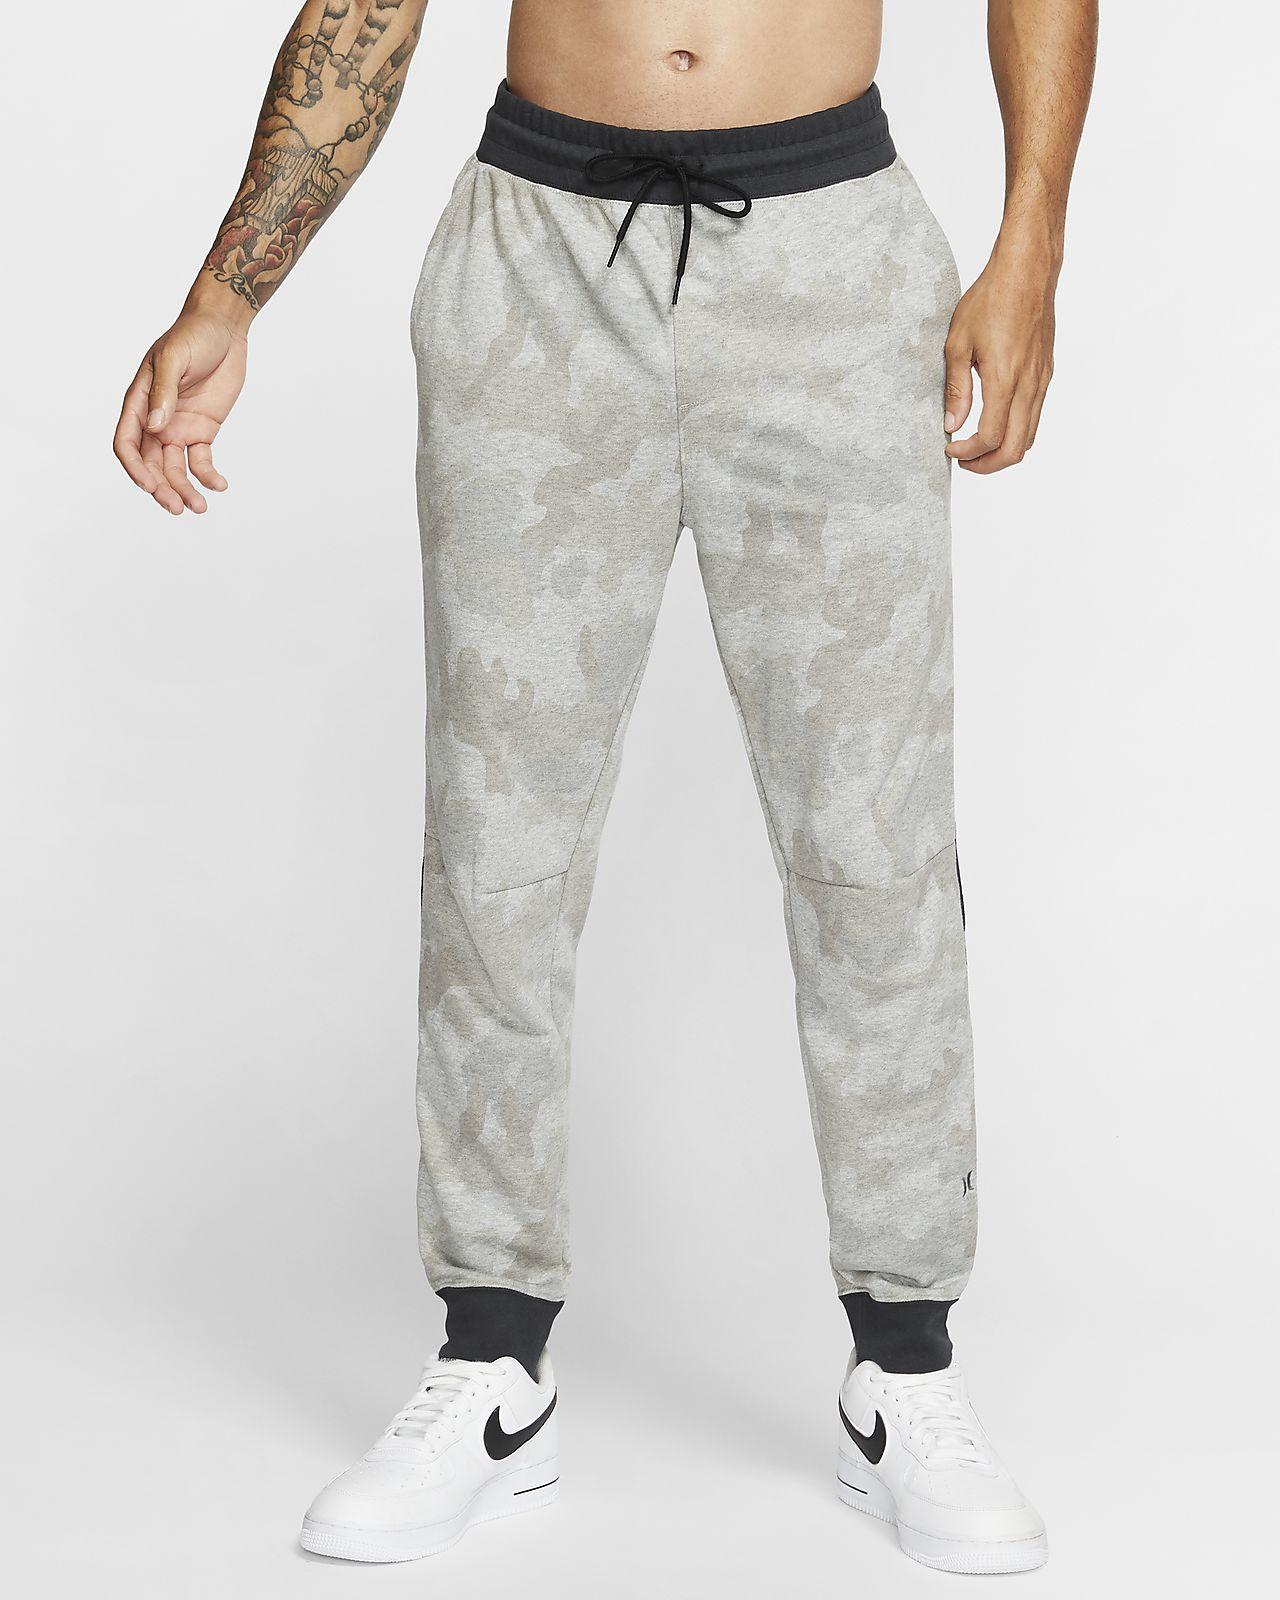 Pánské flísové běžecké kalhoty Hurley Dri-FIT Naturals